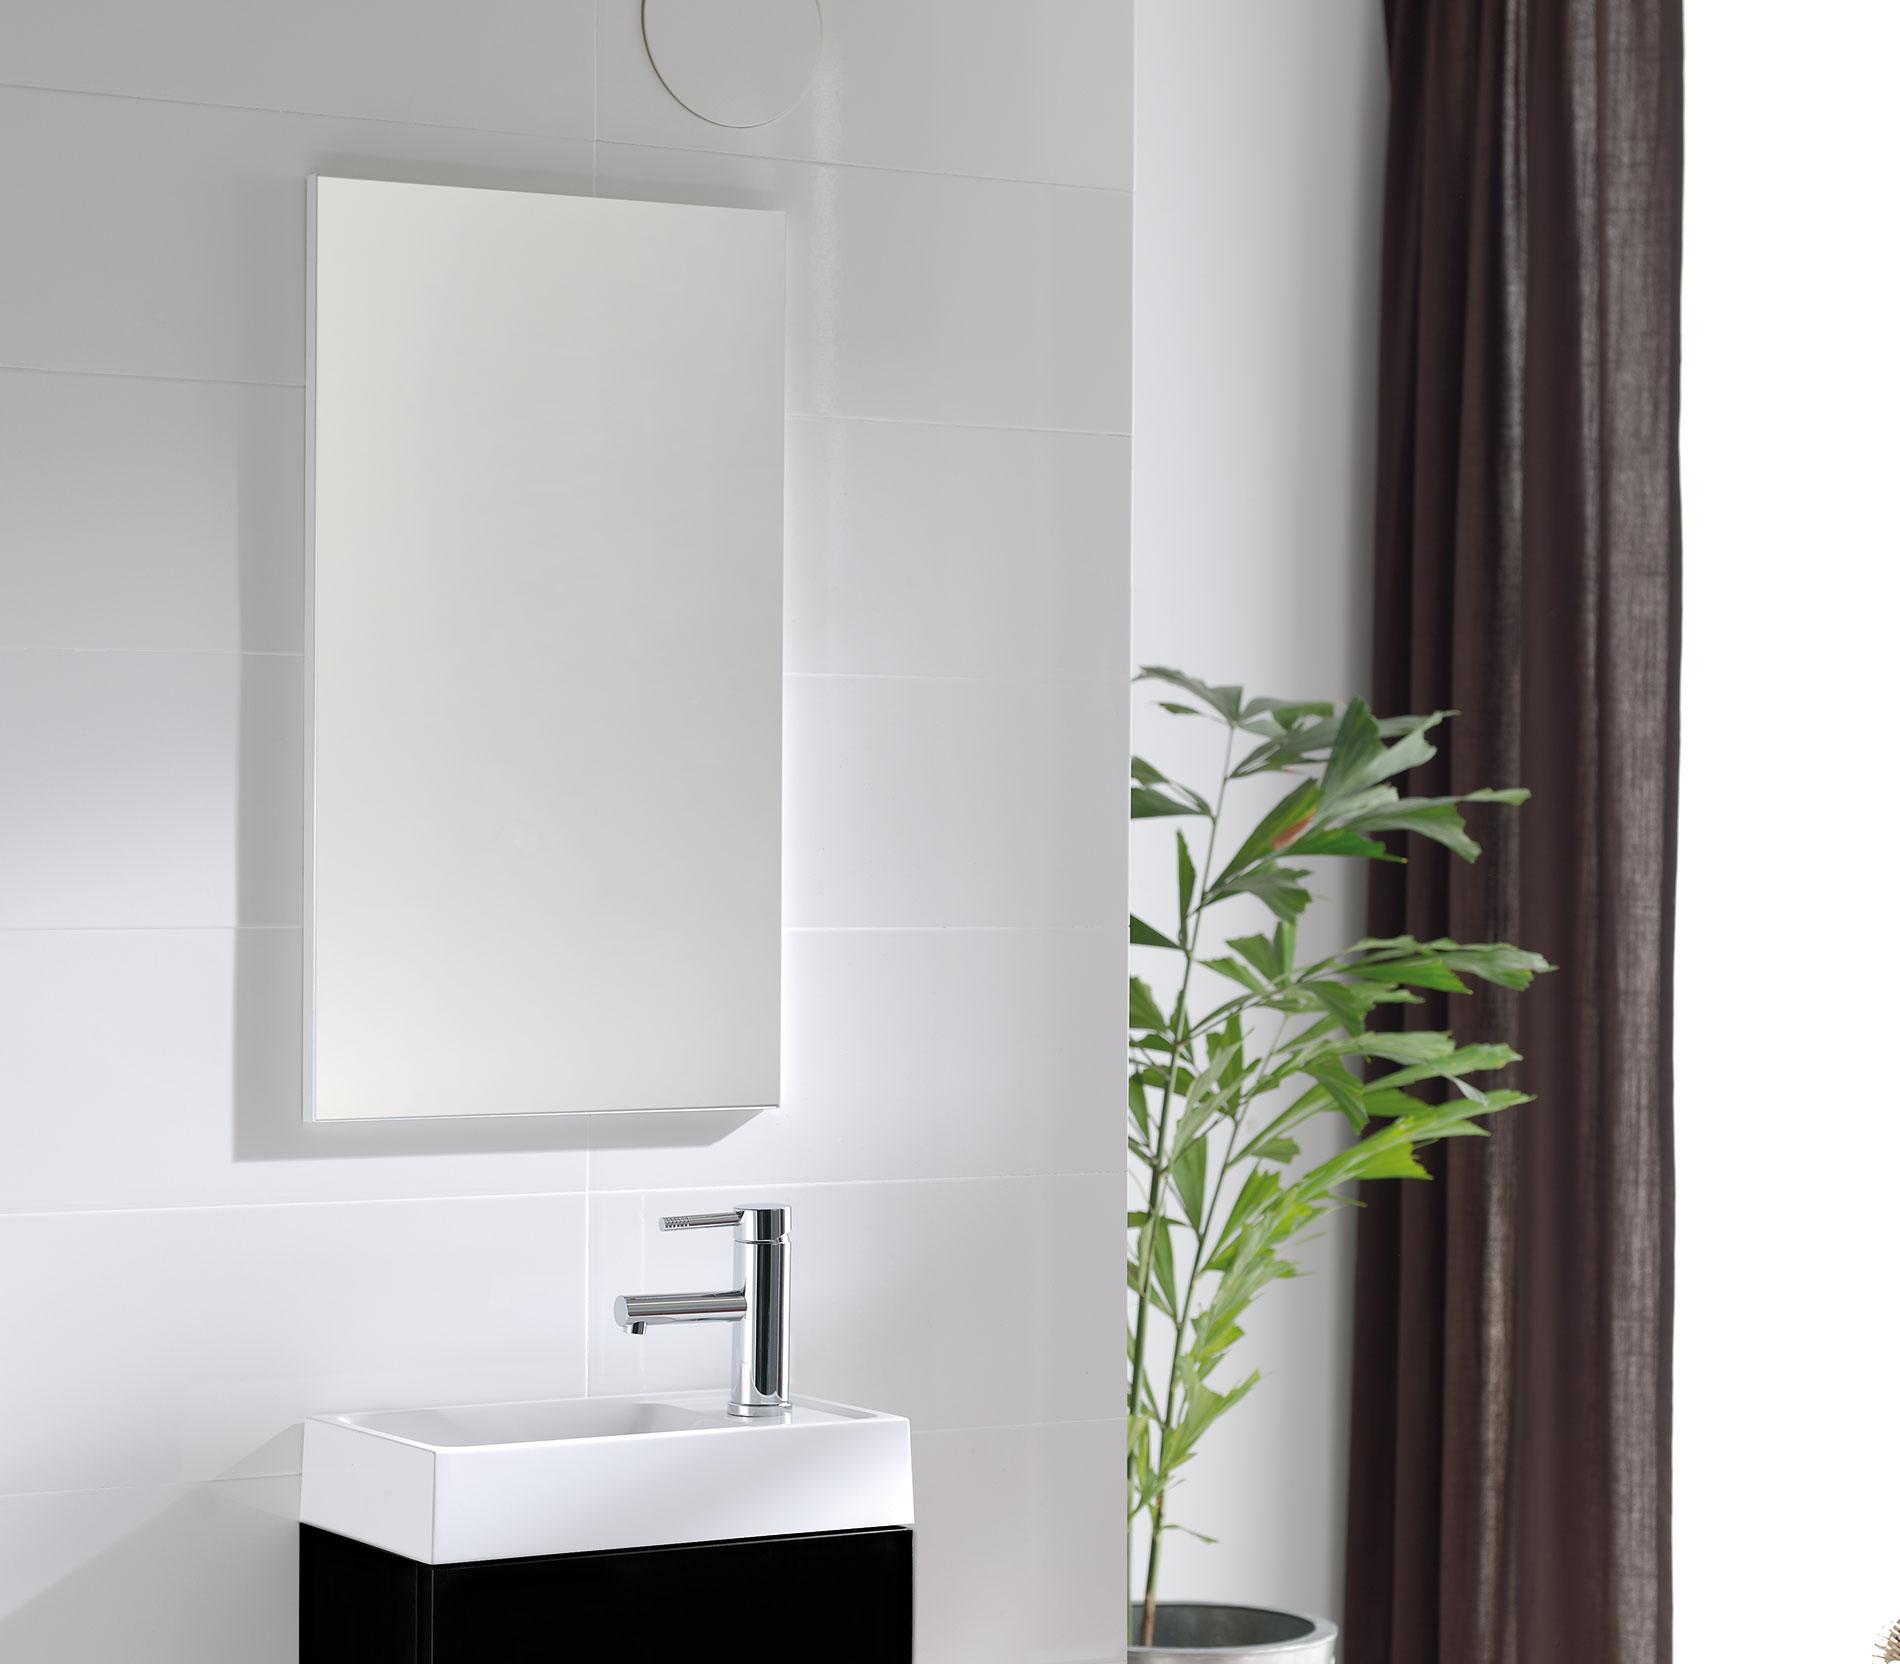 Zrkadlo YANA 40 x 70 cm 1